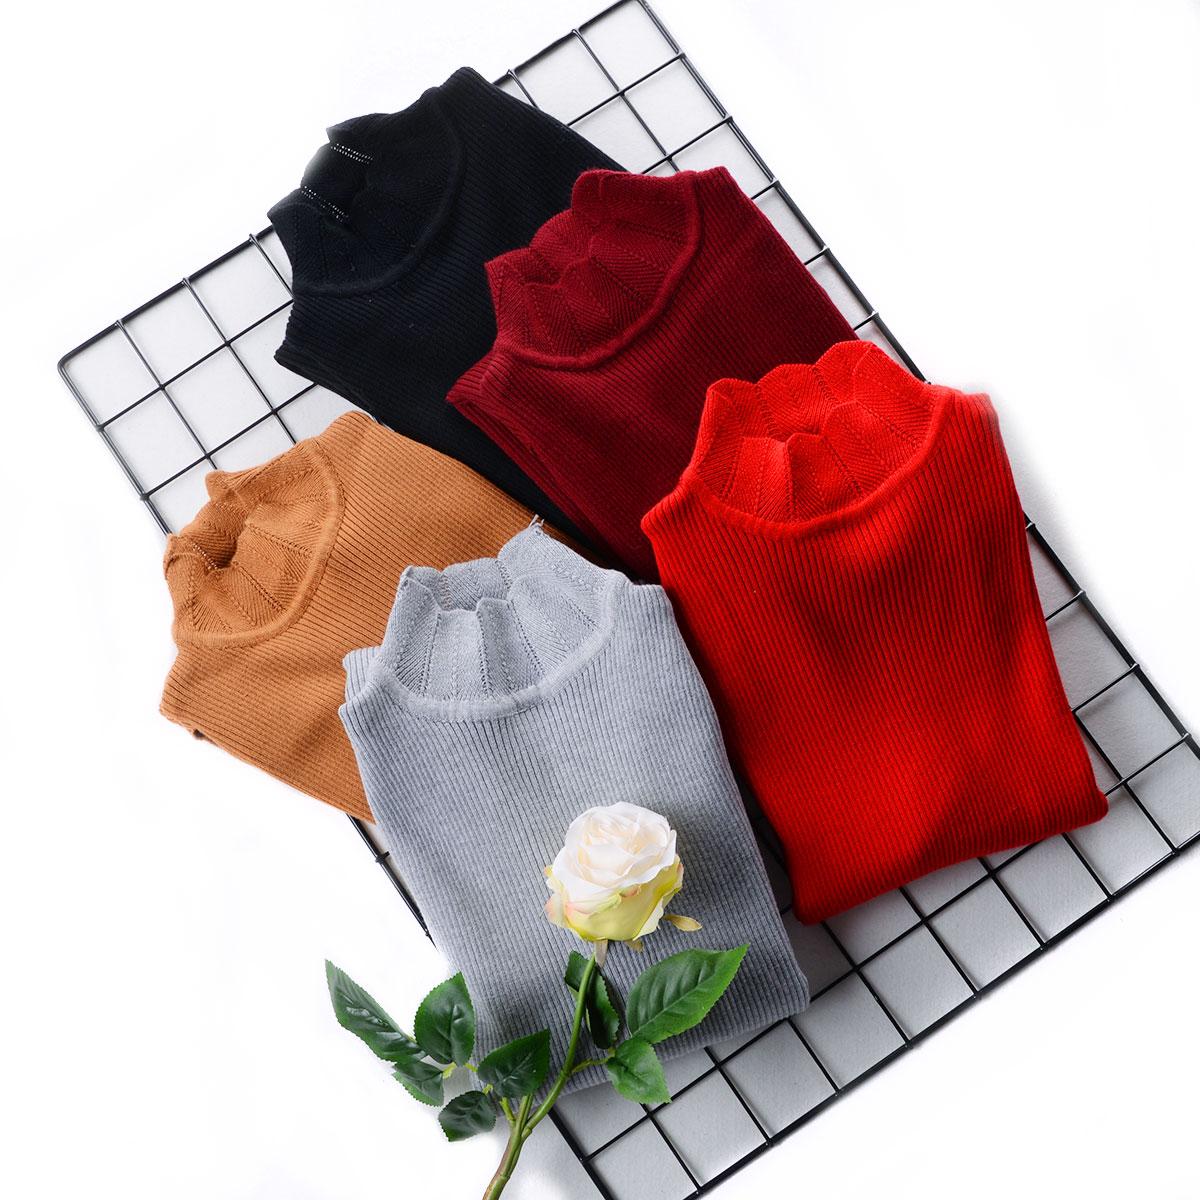 红色针织衫 +C3 秋冬新白色毛衣女修身套头短款长袖半高领百搭加厚打底针织衫_推荐淘宝好看的红色针织衫